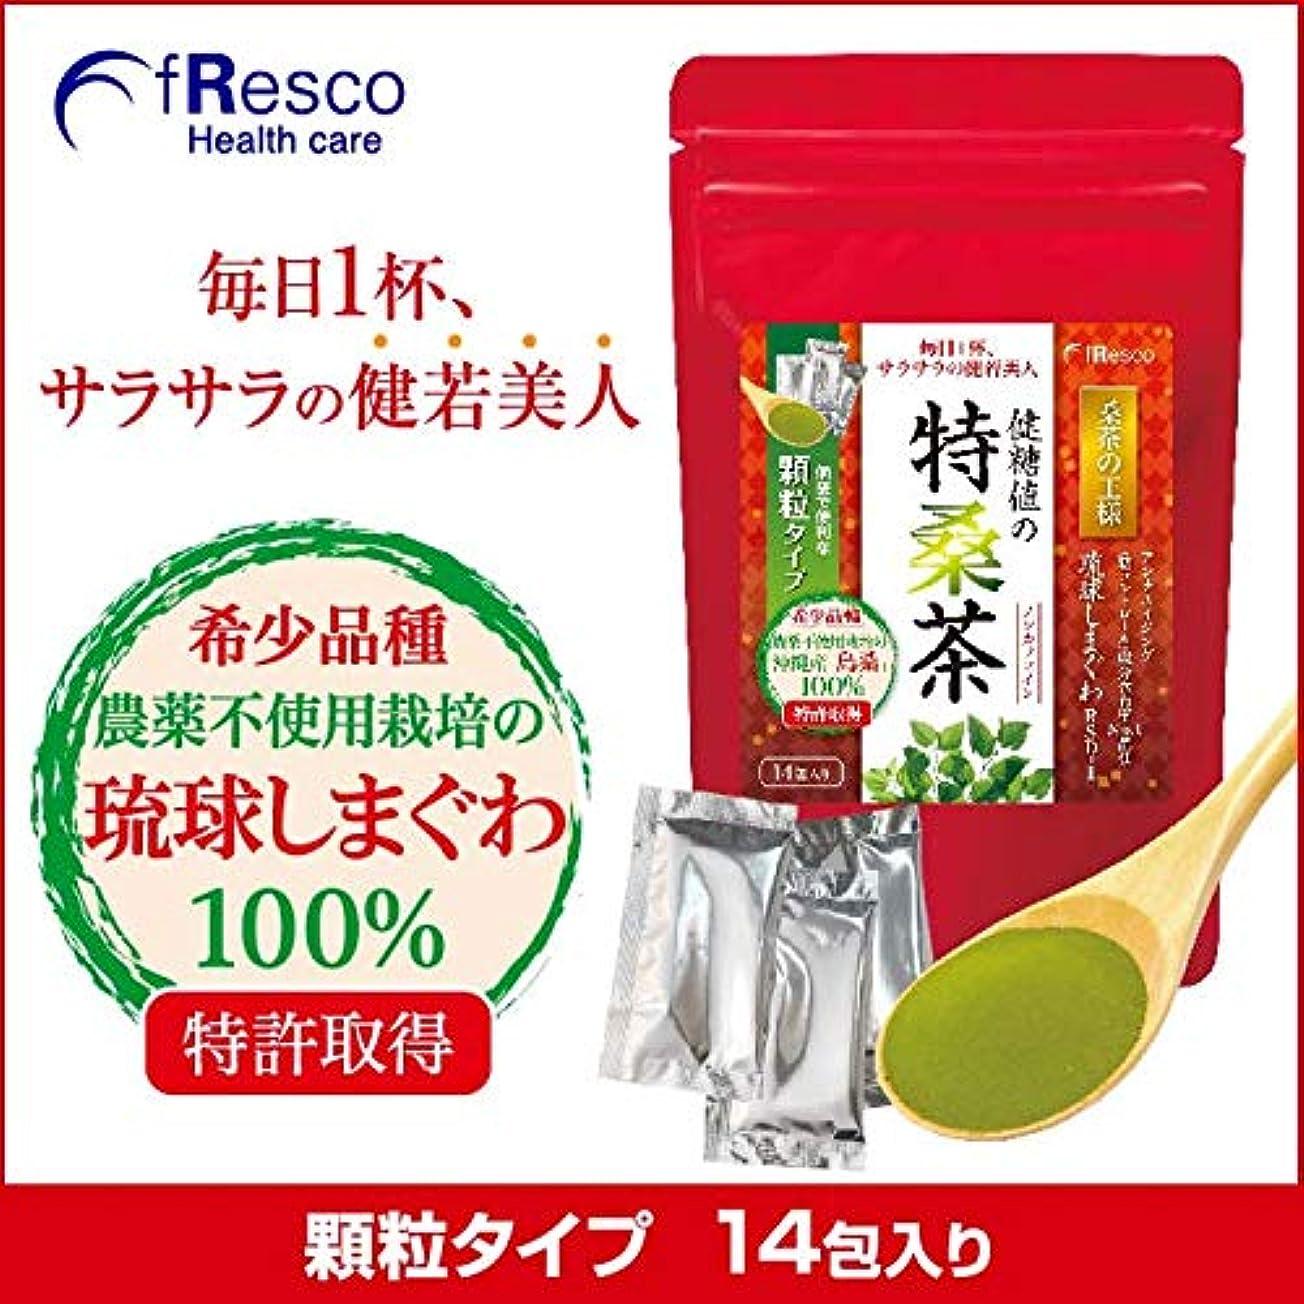 アーティキュレーション確かめる恩赦琉球しまぐわ 健糖値の特桑茶 顆粒タイプ 14包